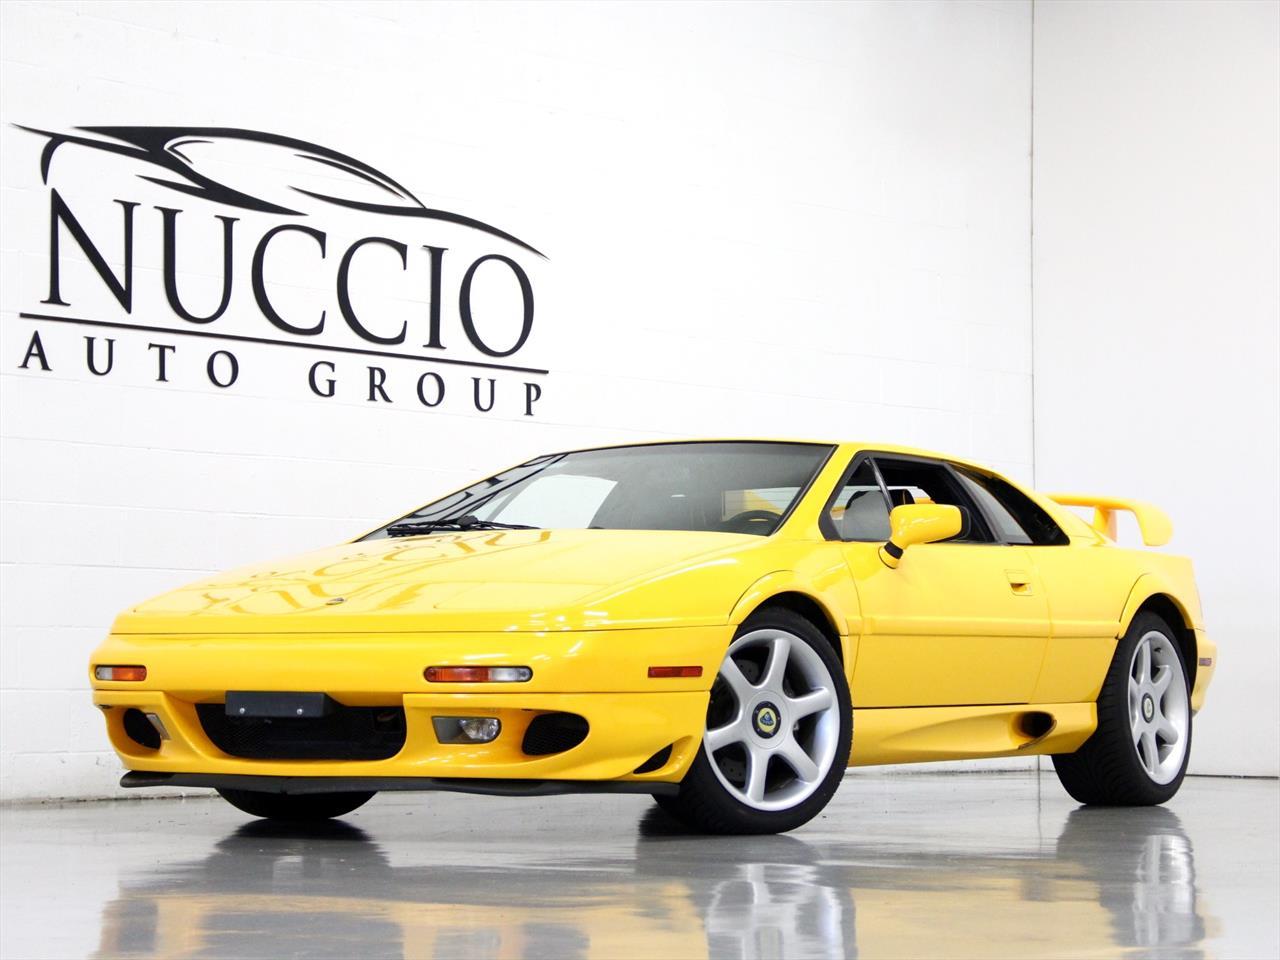 2001 Lotus Esprit V8